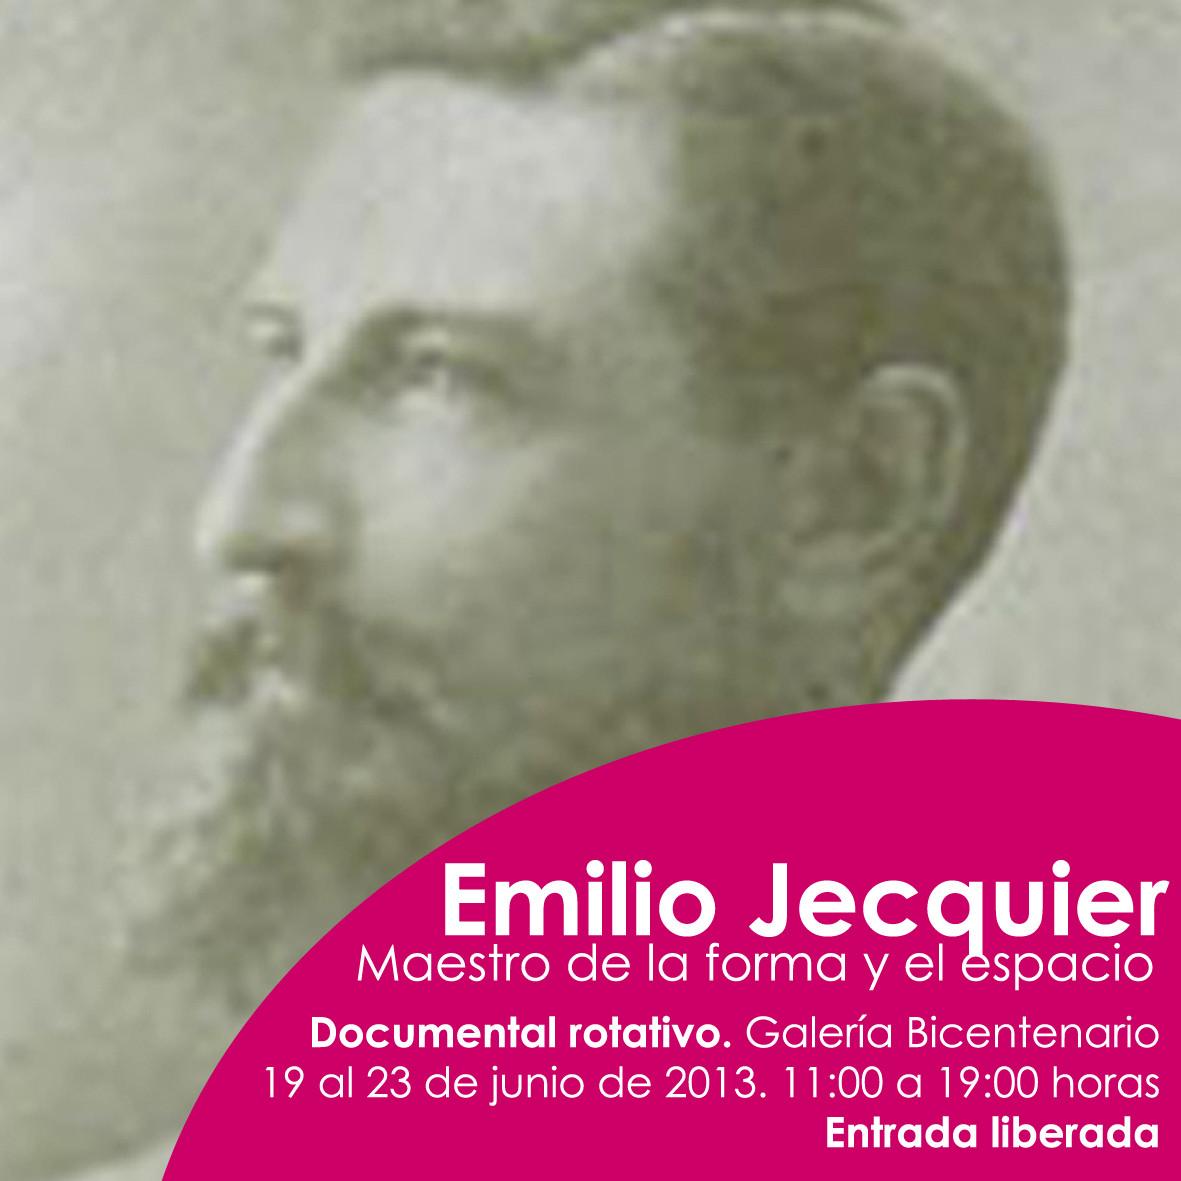 Documental Emilio Jecquier en Centro Cultural Estación Mapocho